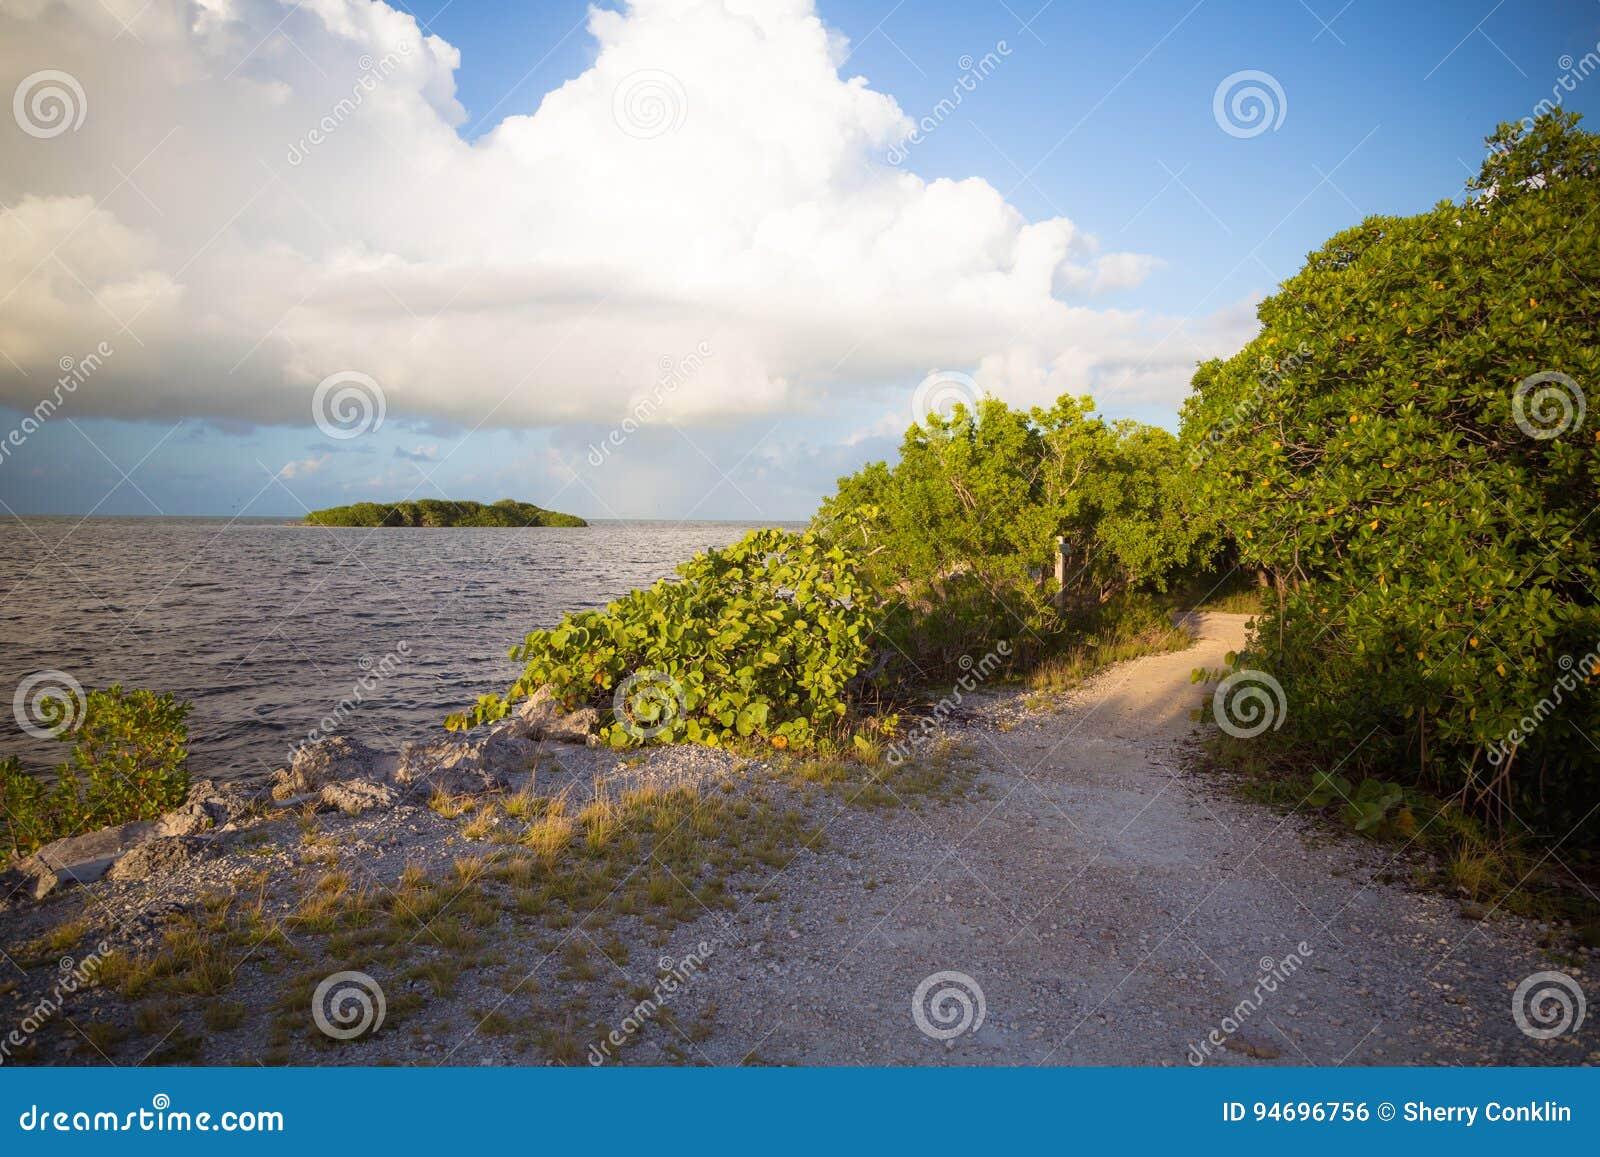 Namorzynowy ścieżka widok w Floryda kluczach